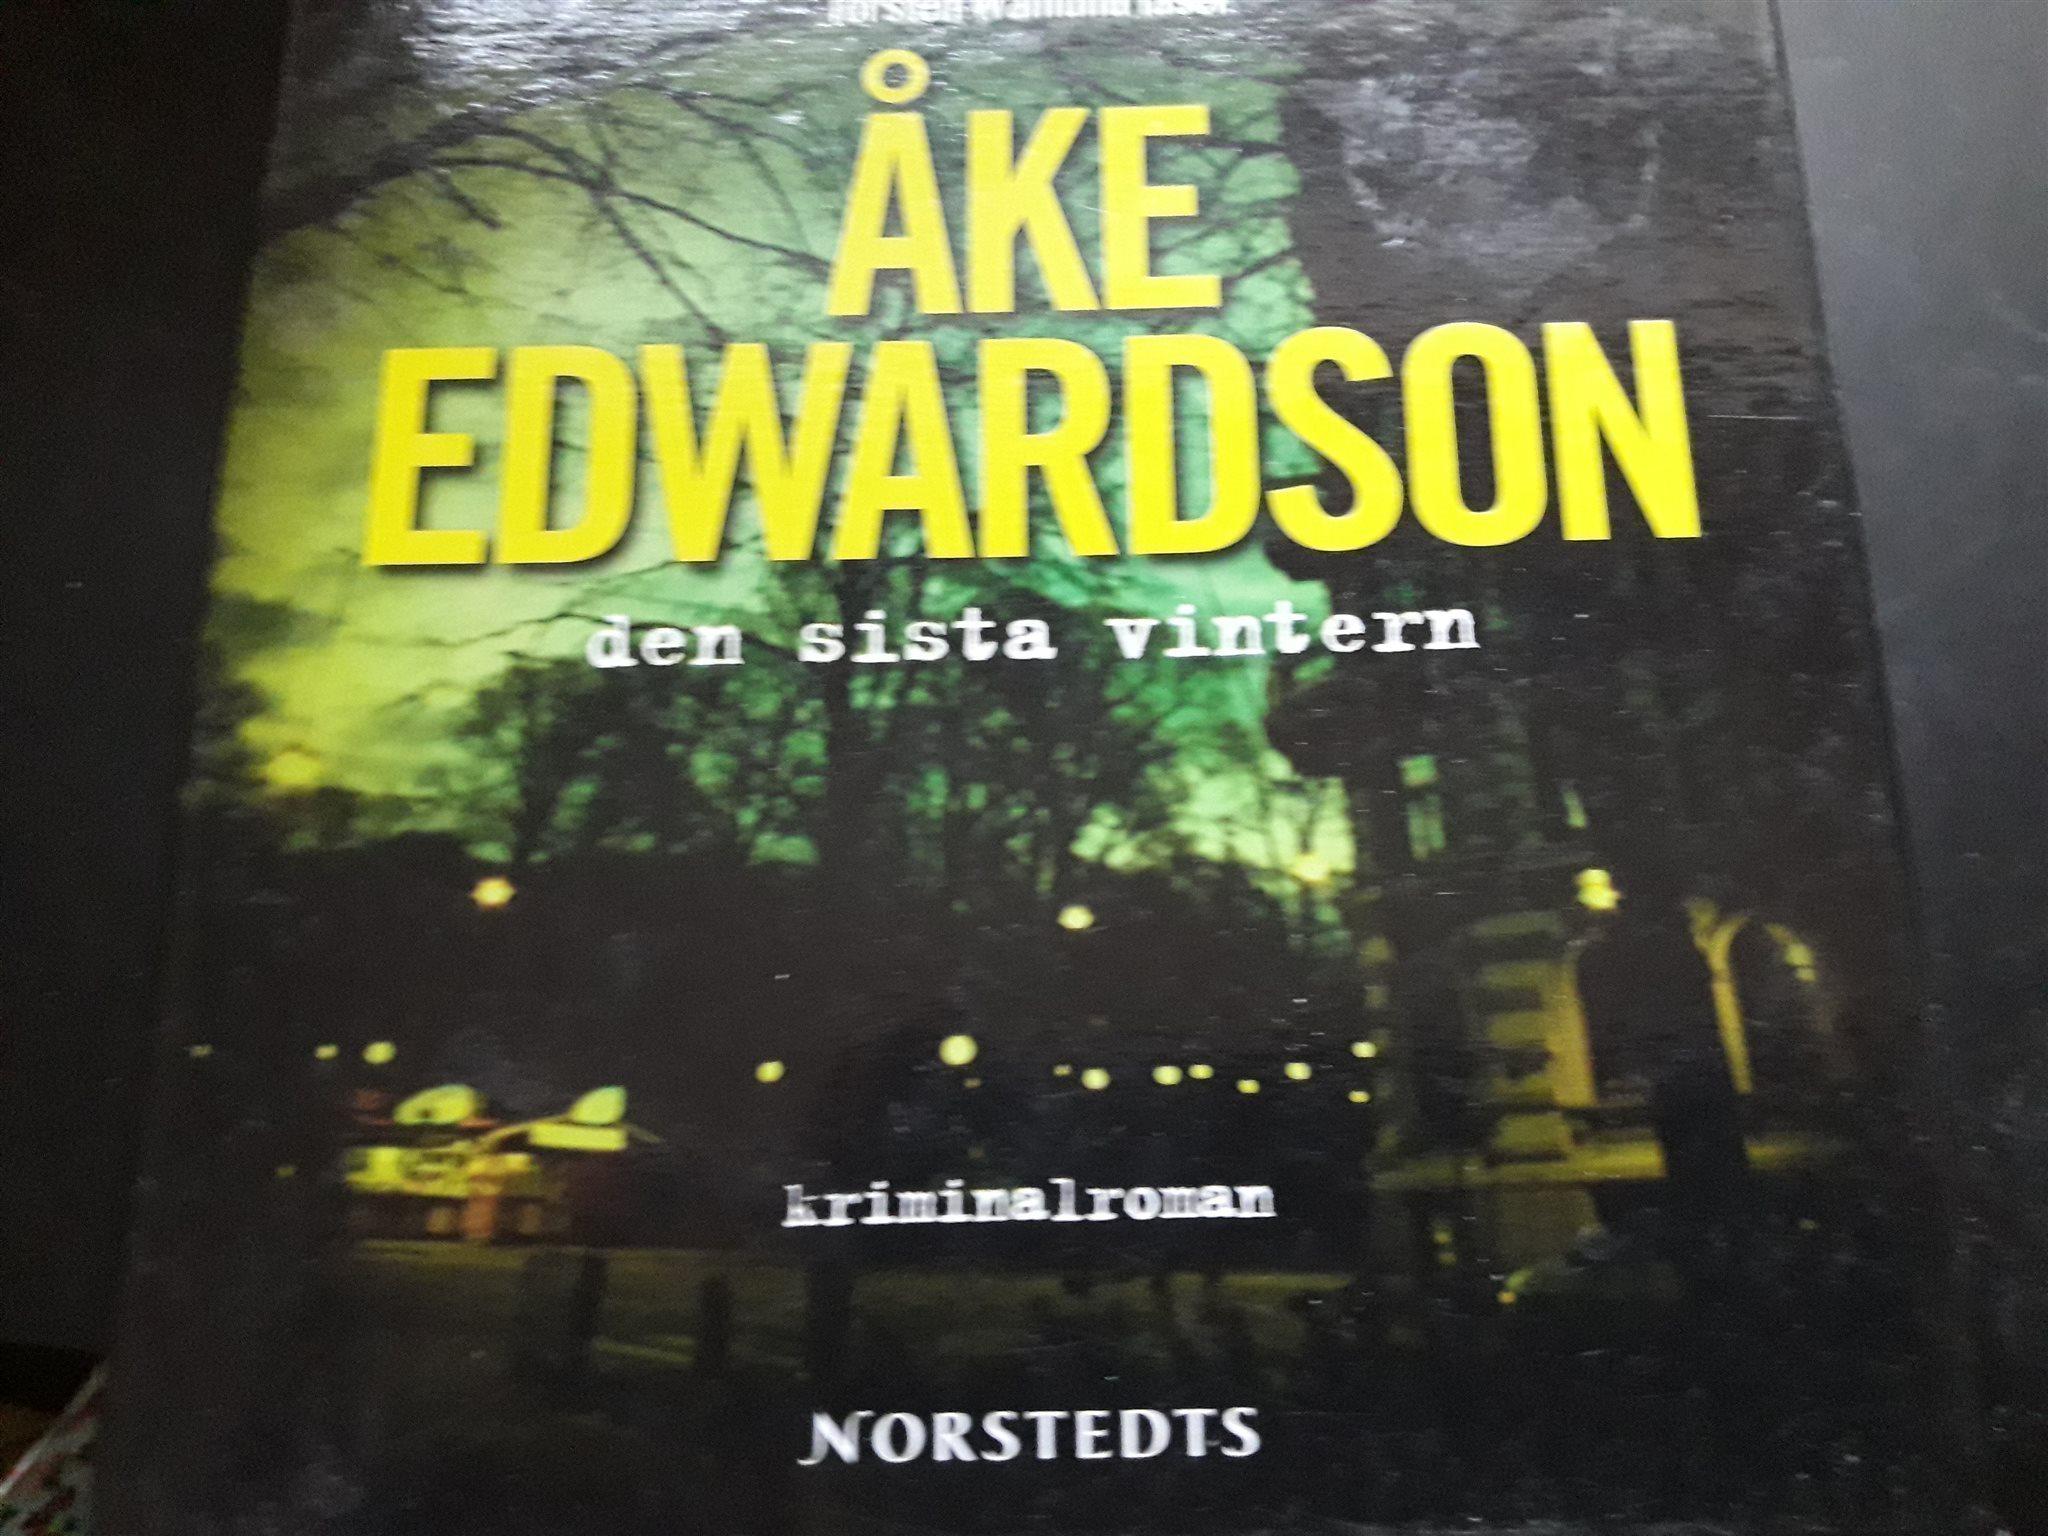 911baa5d477 Ljudböcker..ÅKE EDWARDSON.. Den Sista Vintern (342773430) ᐈ Köp på ...